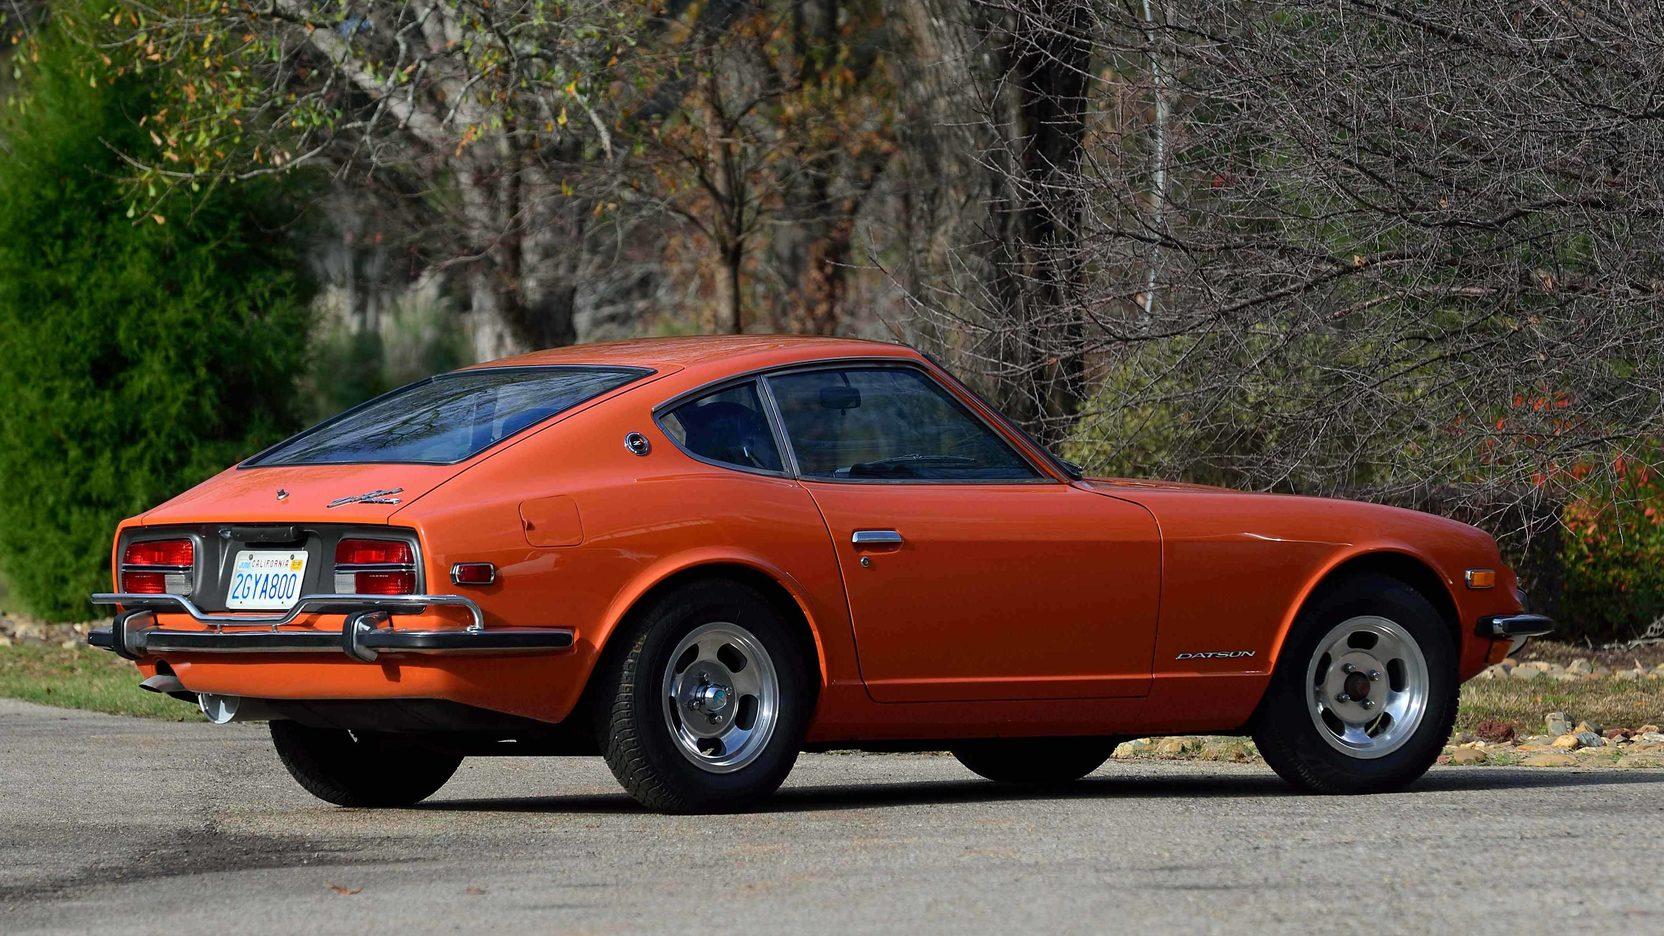 1973 Datsun 240Z Orange rear 3/4